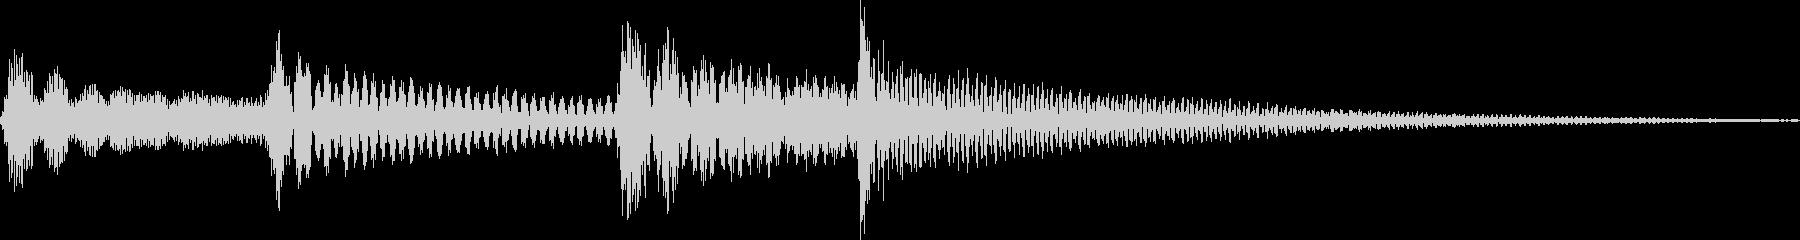 コロロン(決定、ボタン、成功)の未再生の波形